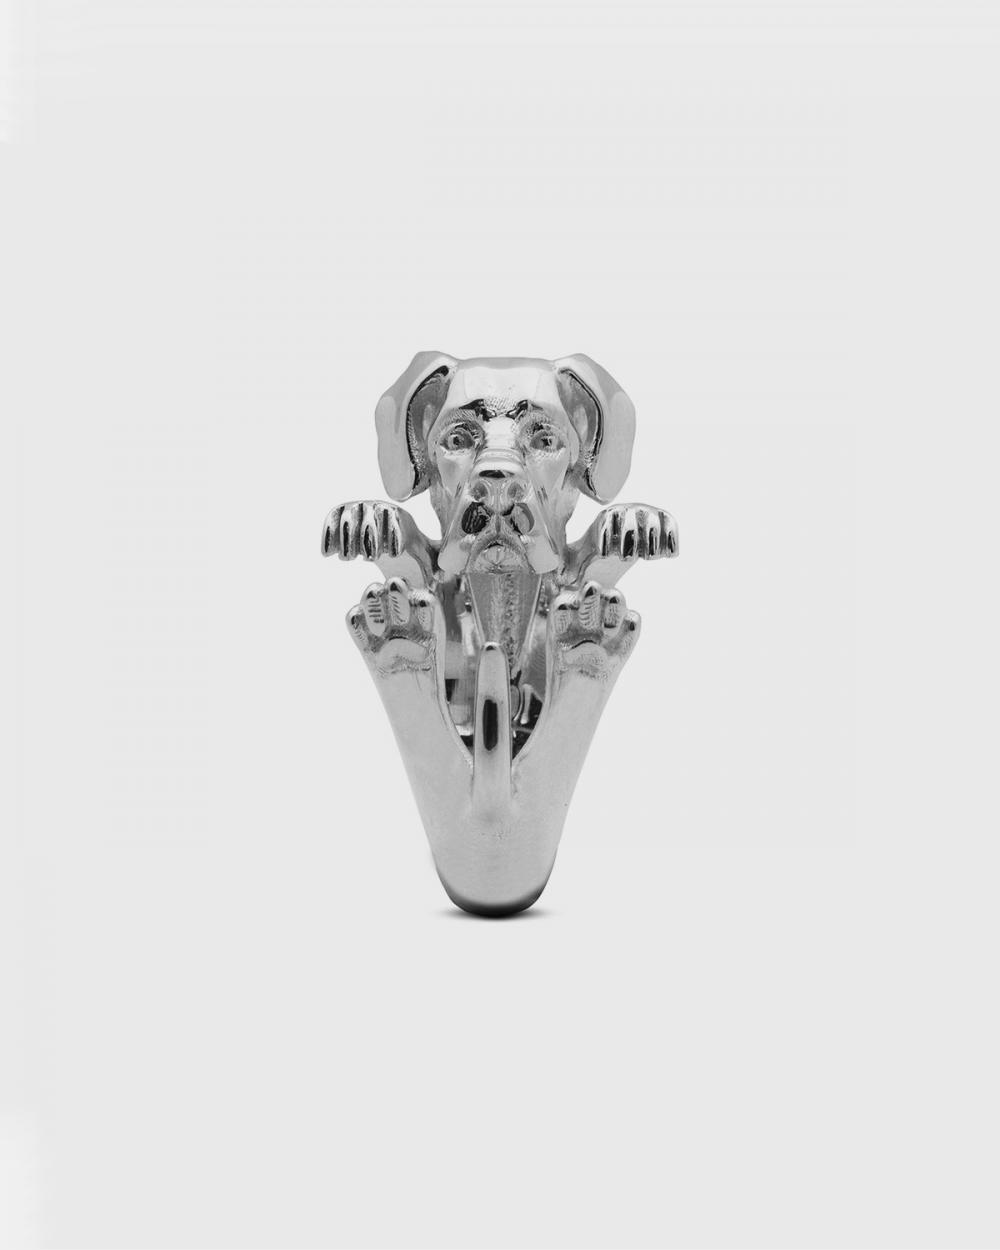 anello hug alano argento lucido